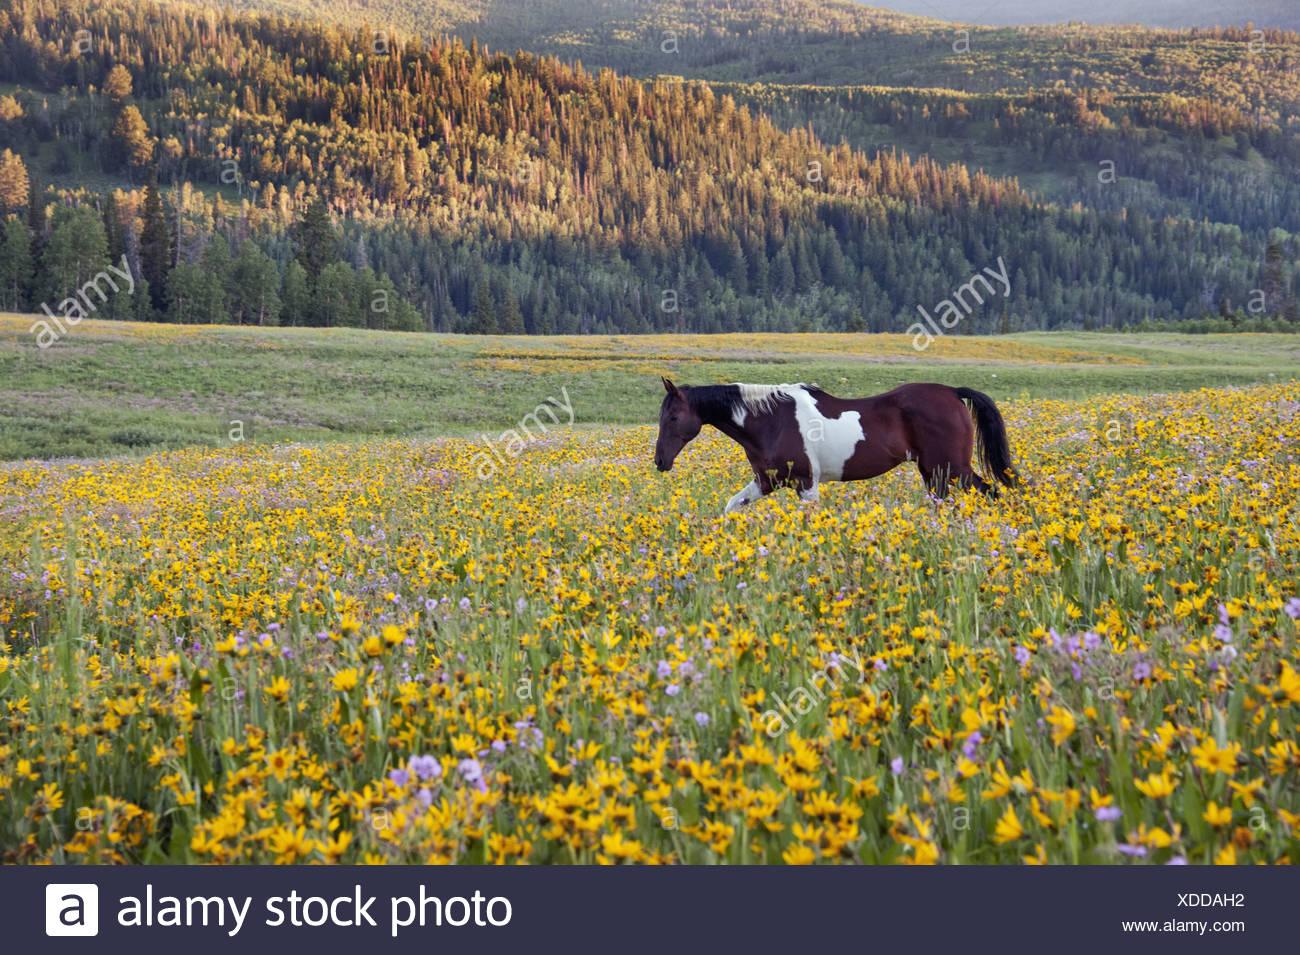 Cheval dans un champ de fleurs des montagnes Uinta dans l'Utah Photo Stock